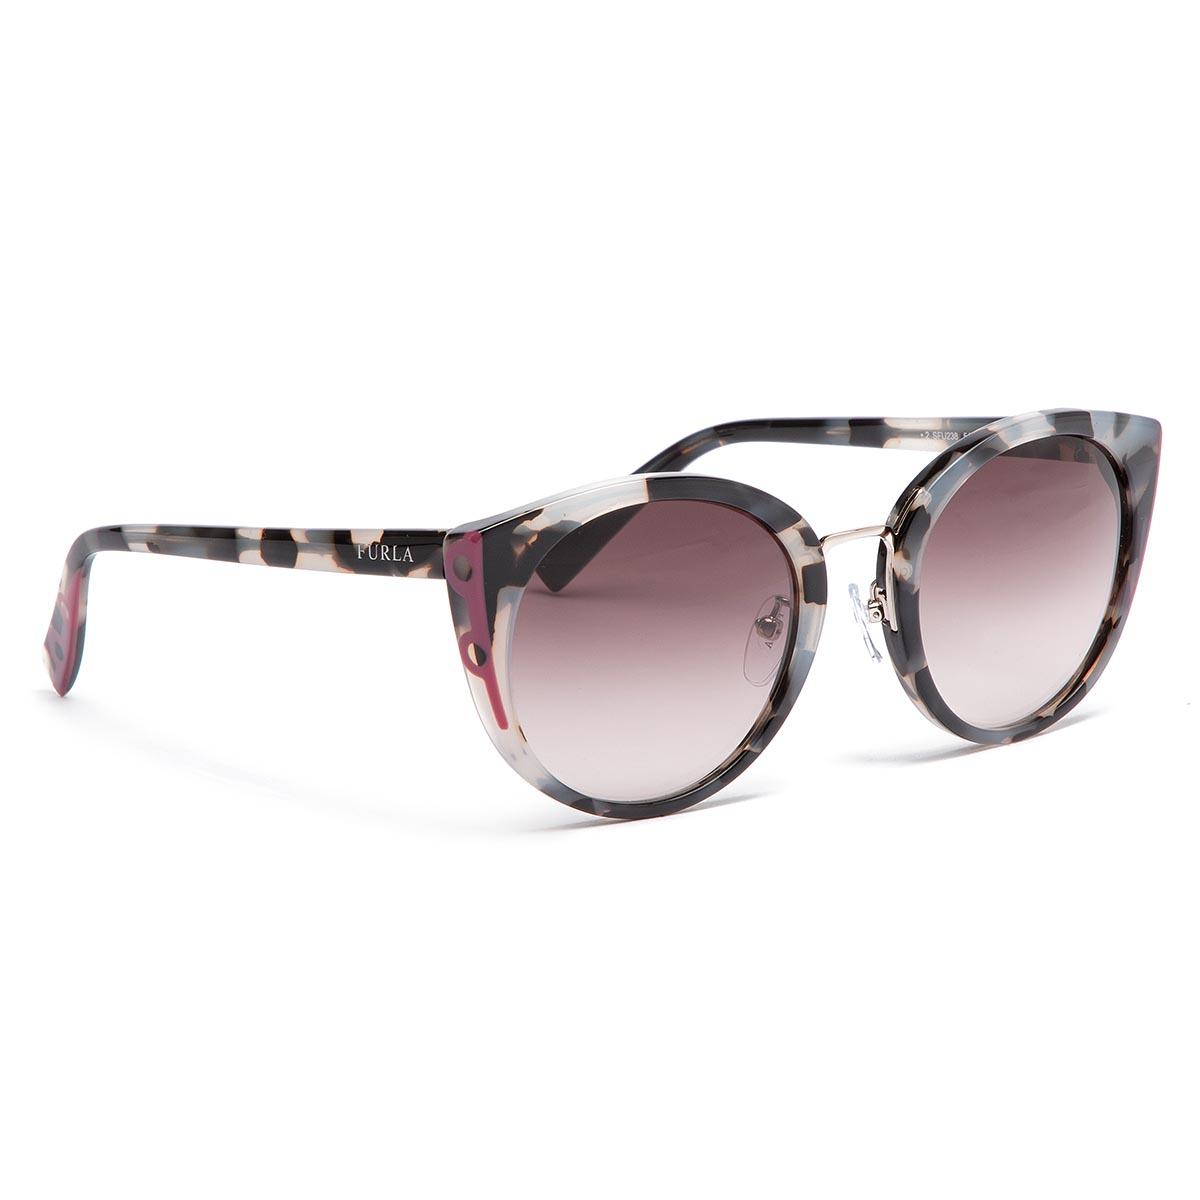 ... Slnečné okuliare FURLA - Rialto 995310 D 238F REM Toni Onyx. Nové  Slnečné ... b67882a6562